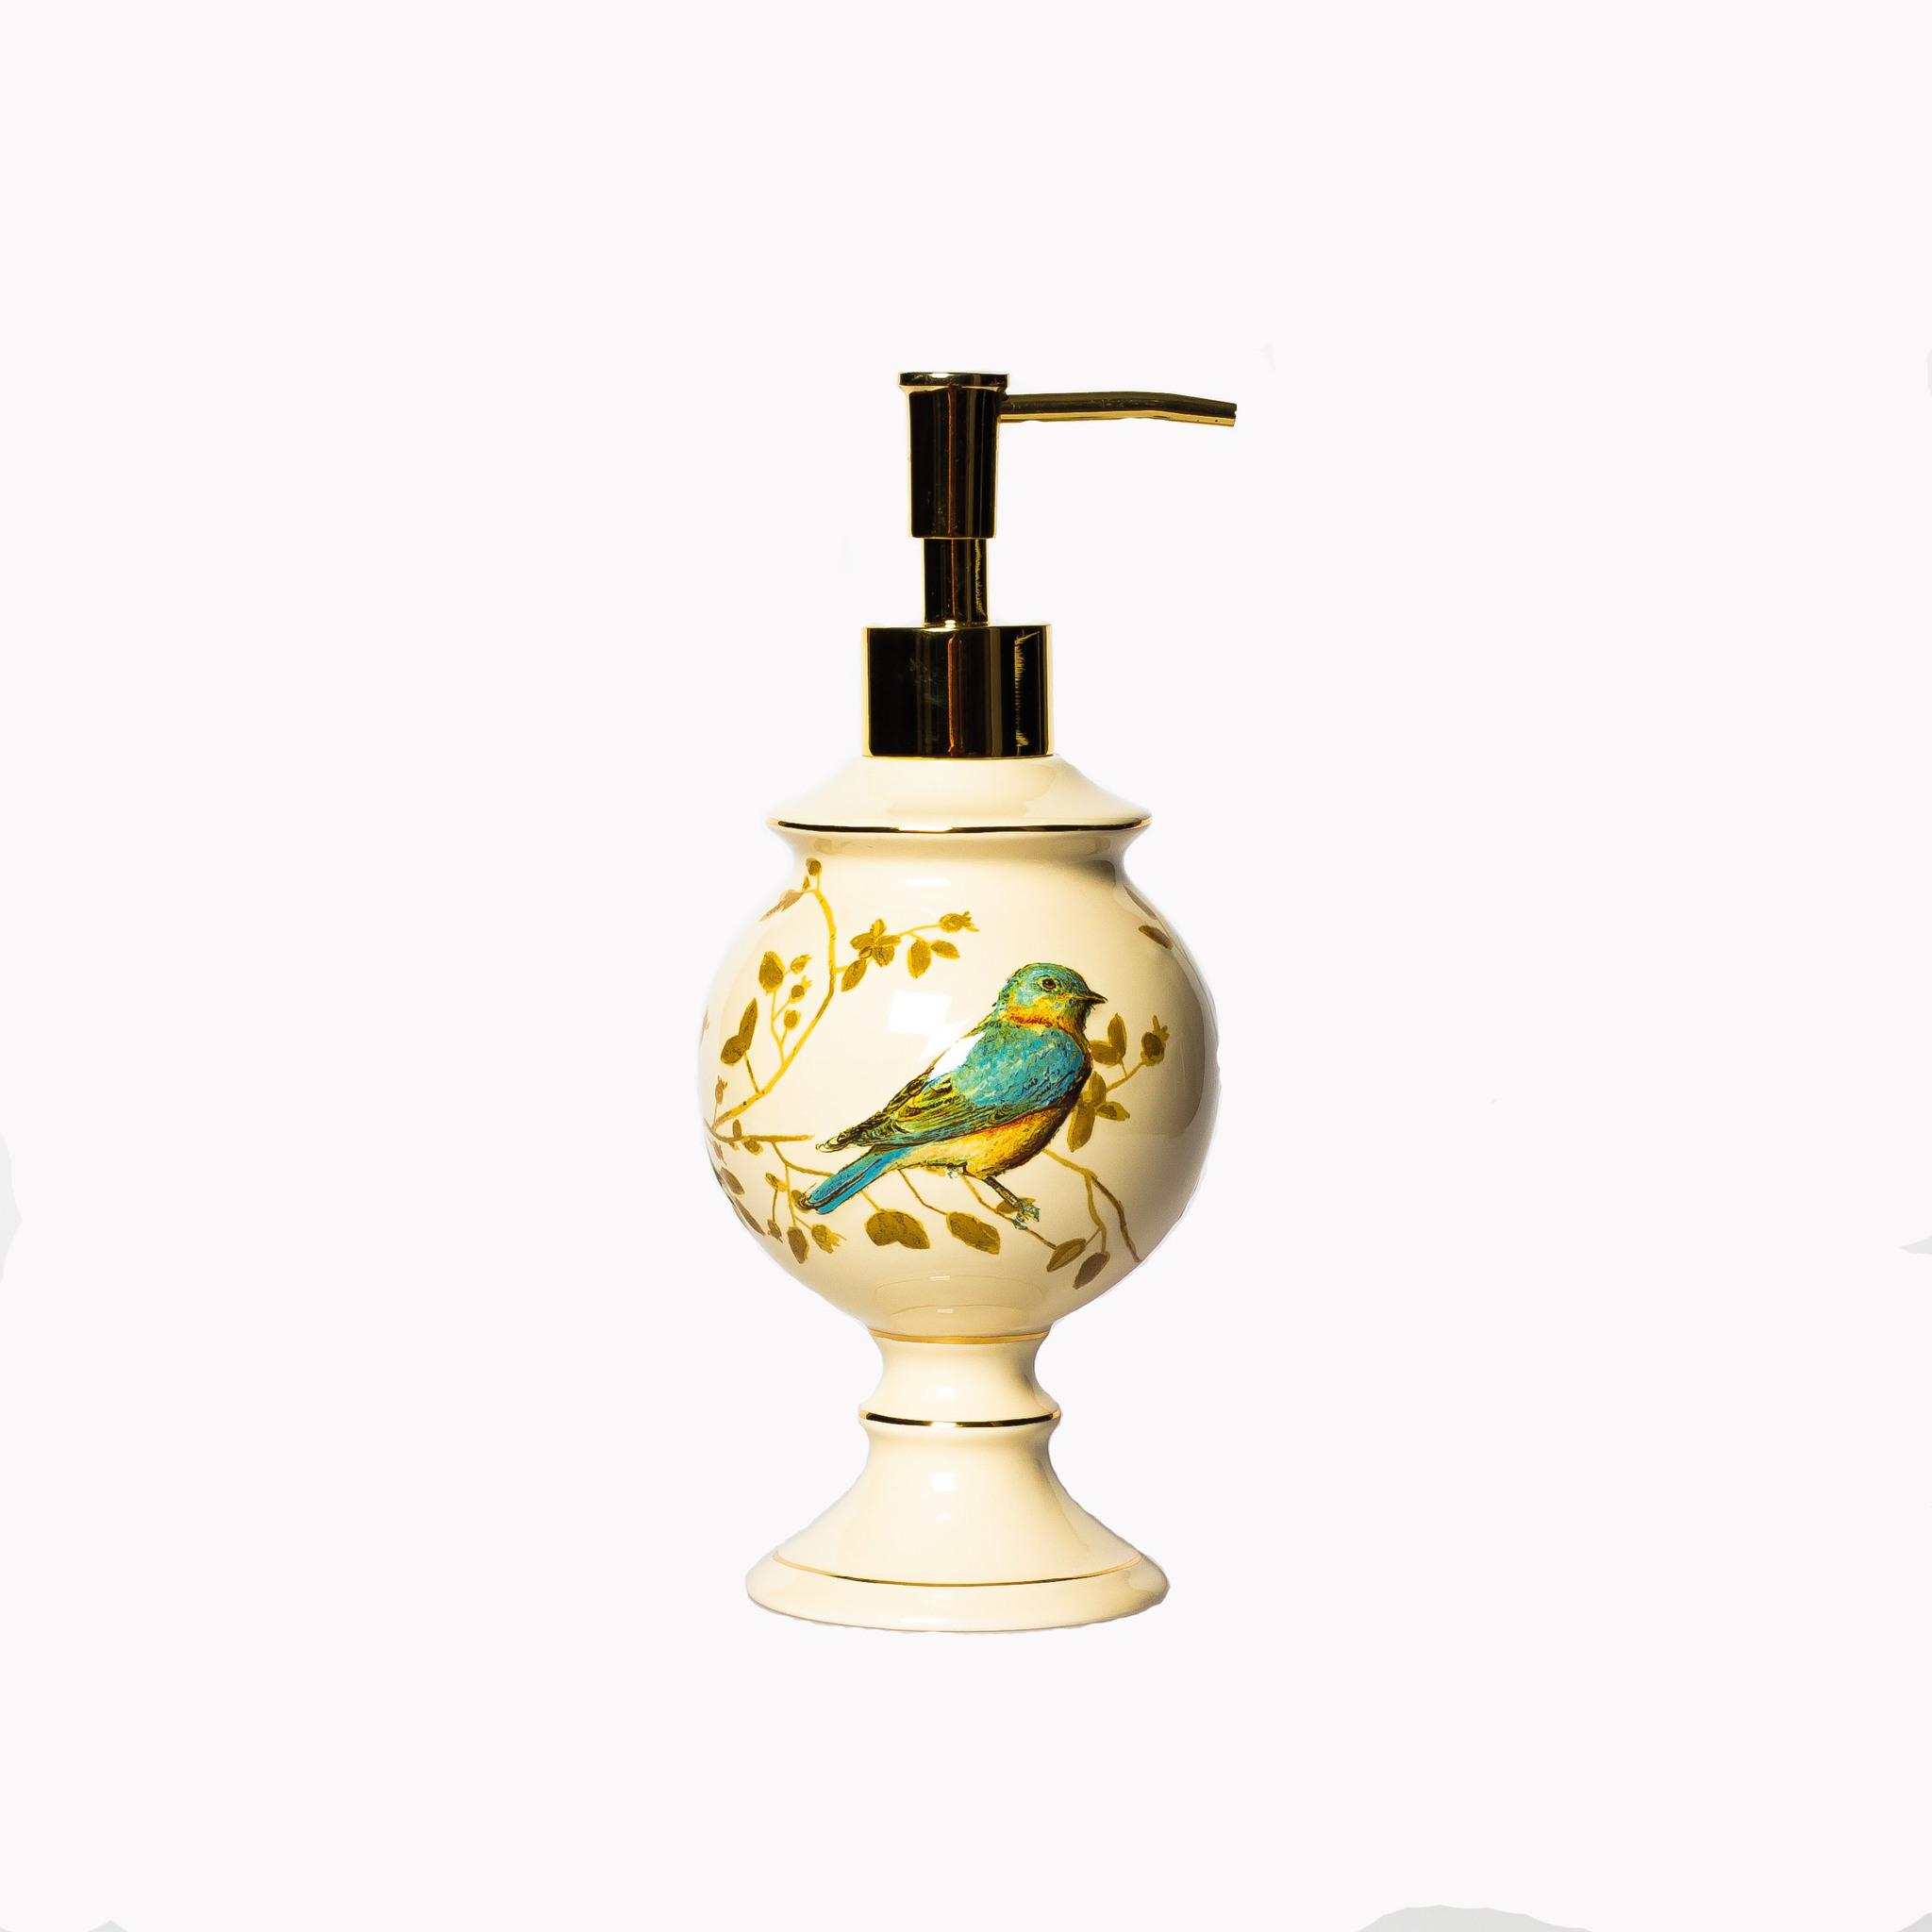 Дозатор для жидкого мыла Gilded Birds от Avanti